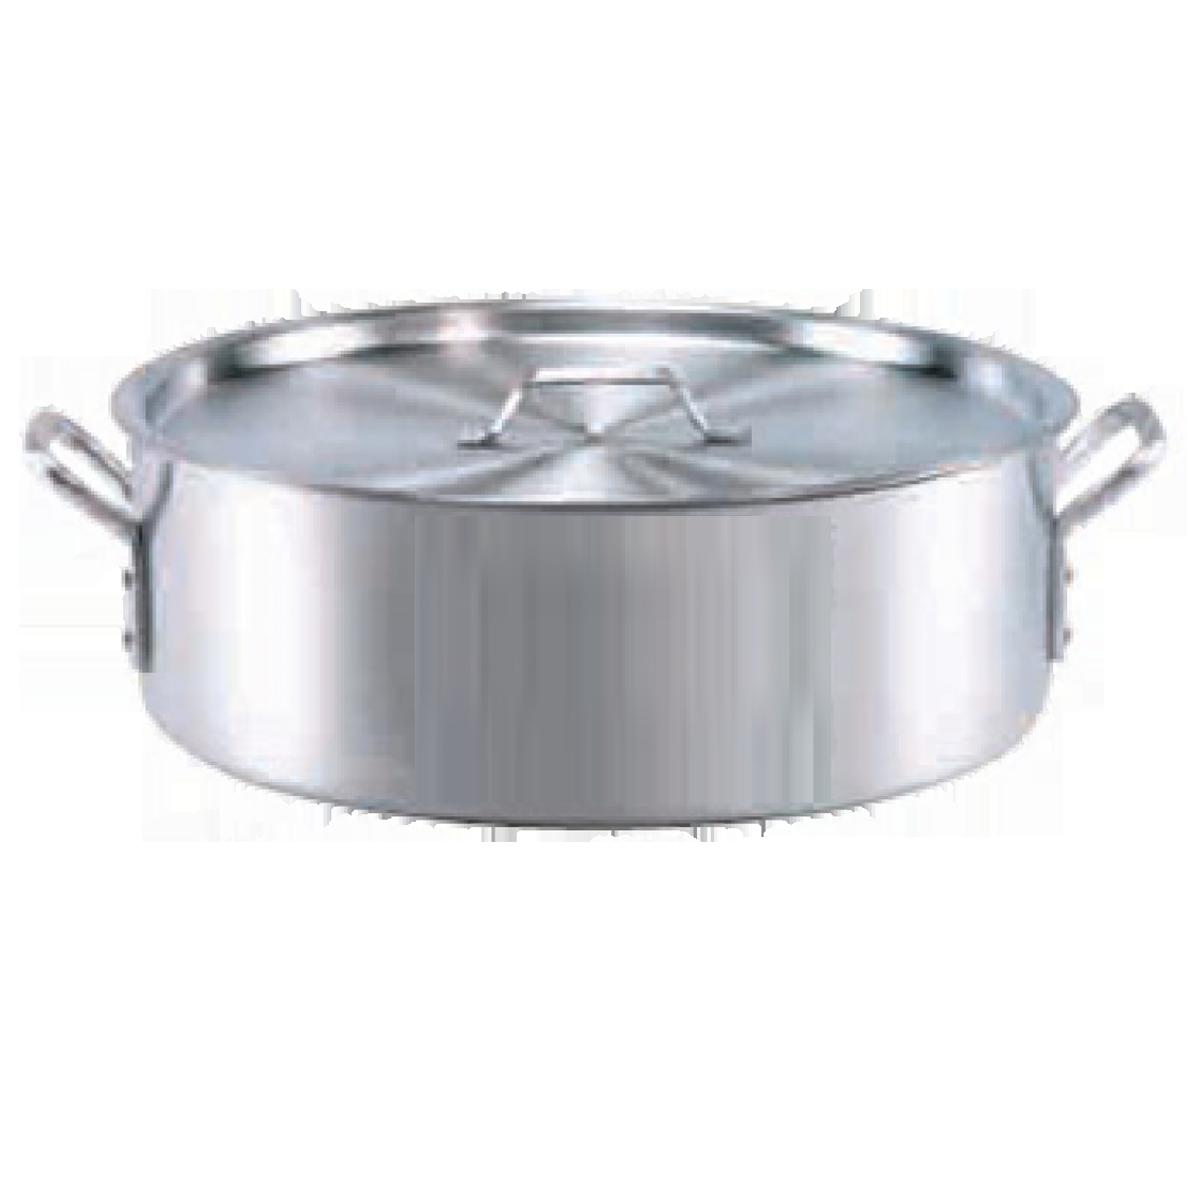 Brazier-Casserole Pan